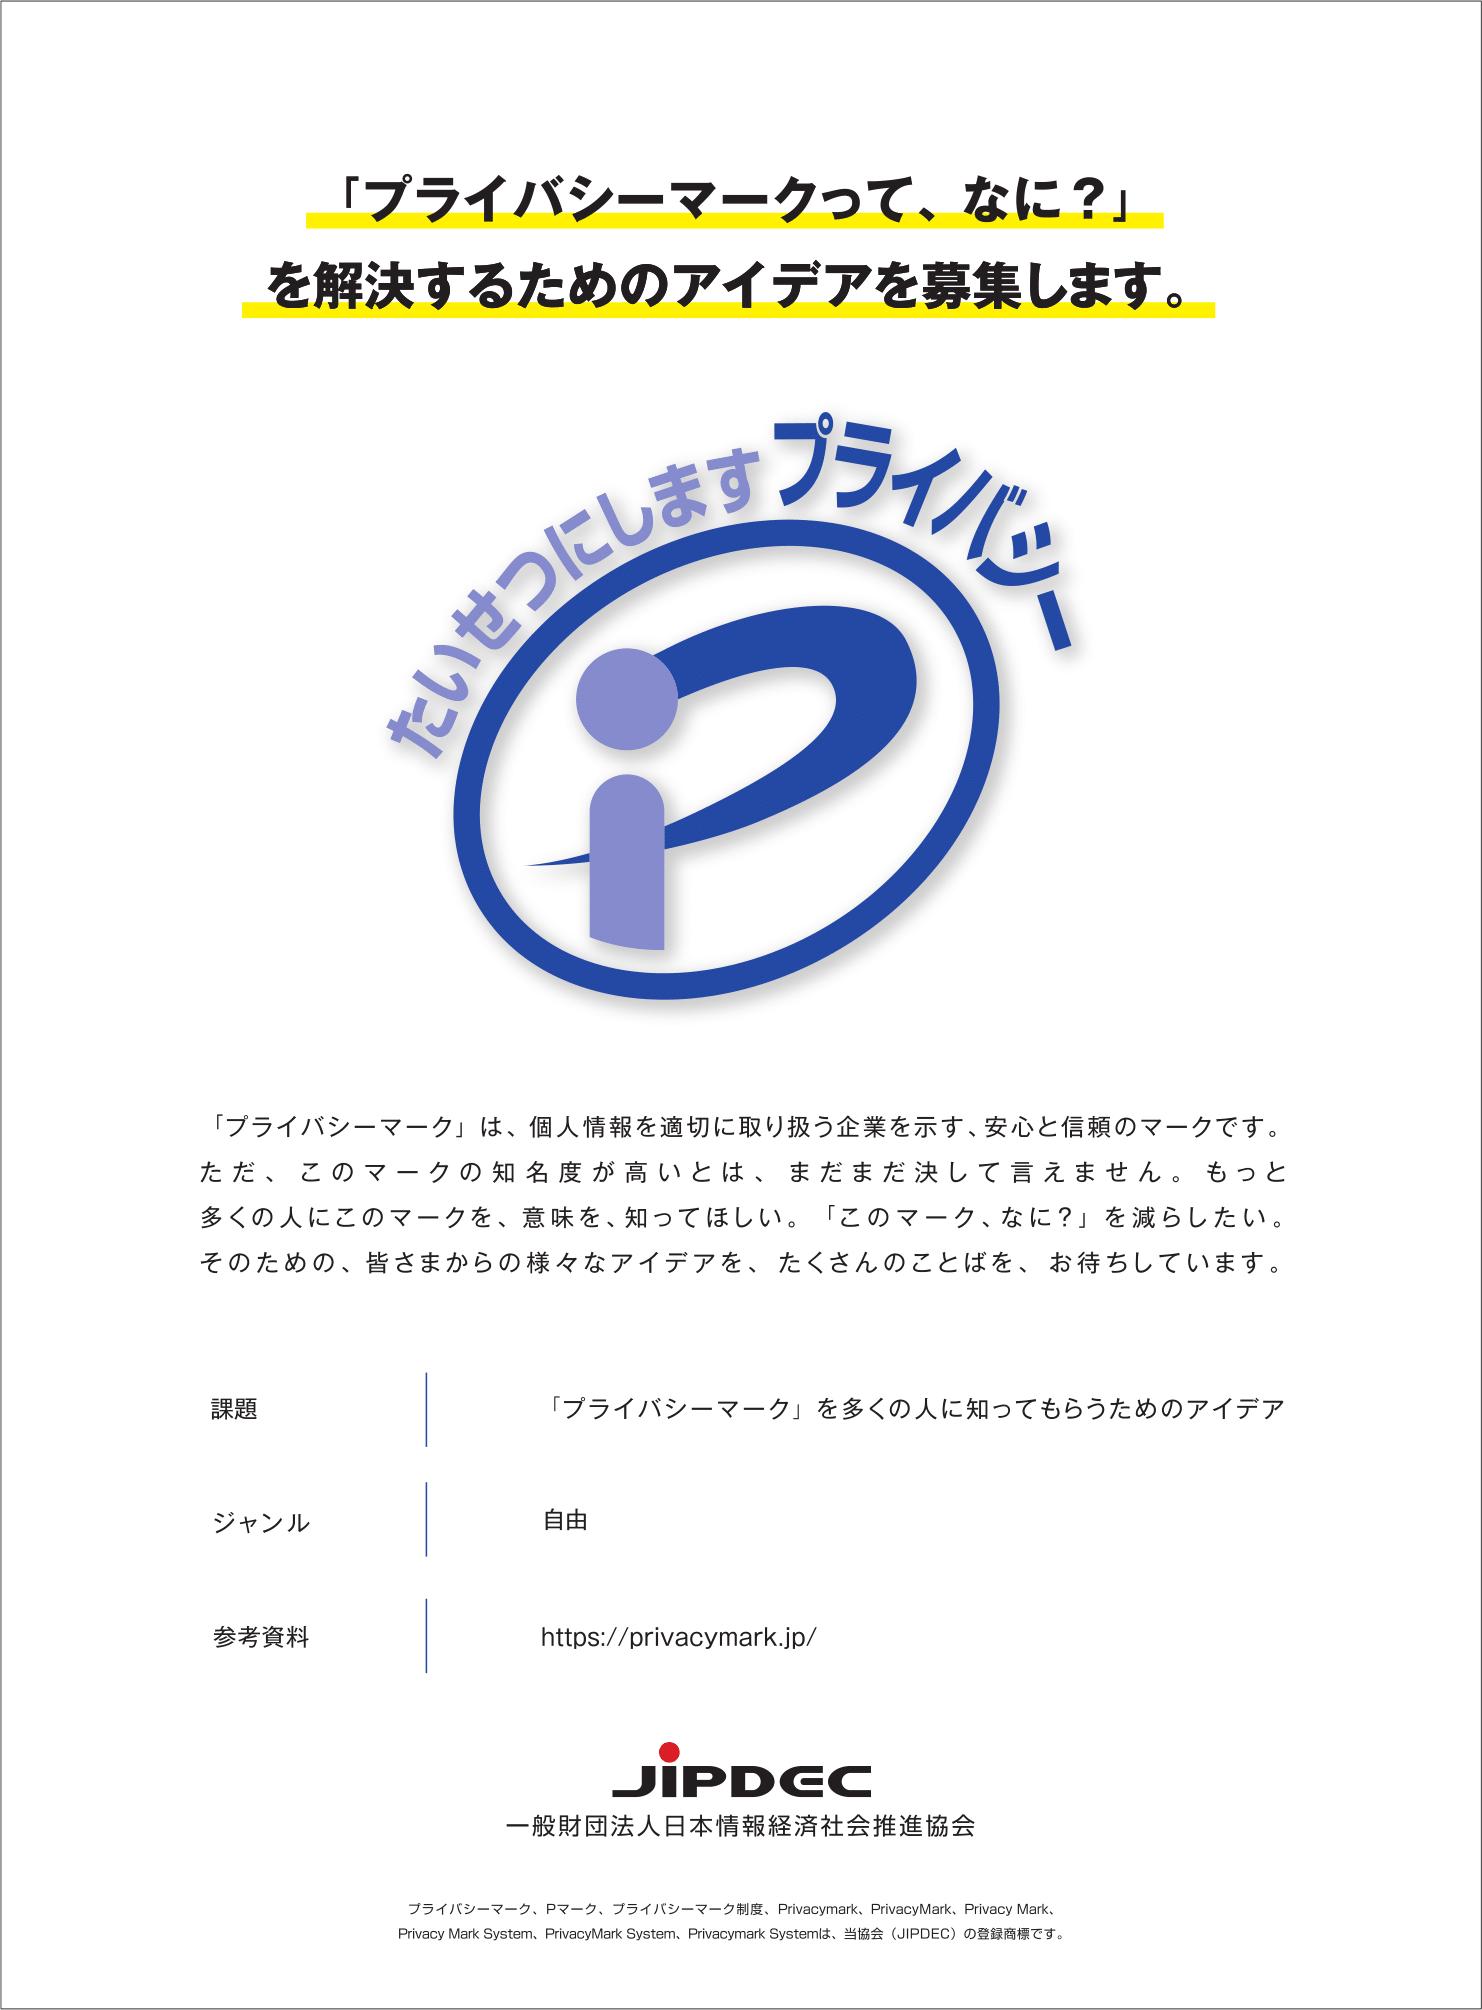 25.日本情報経済社会推進協会